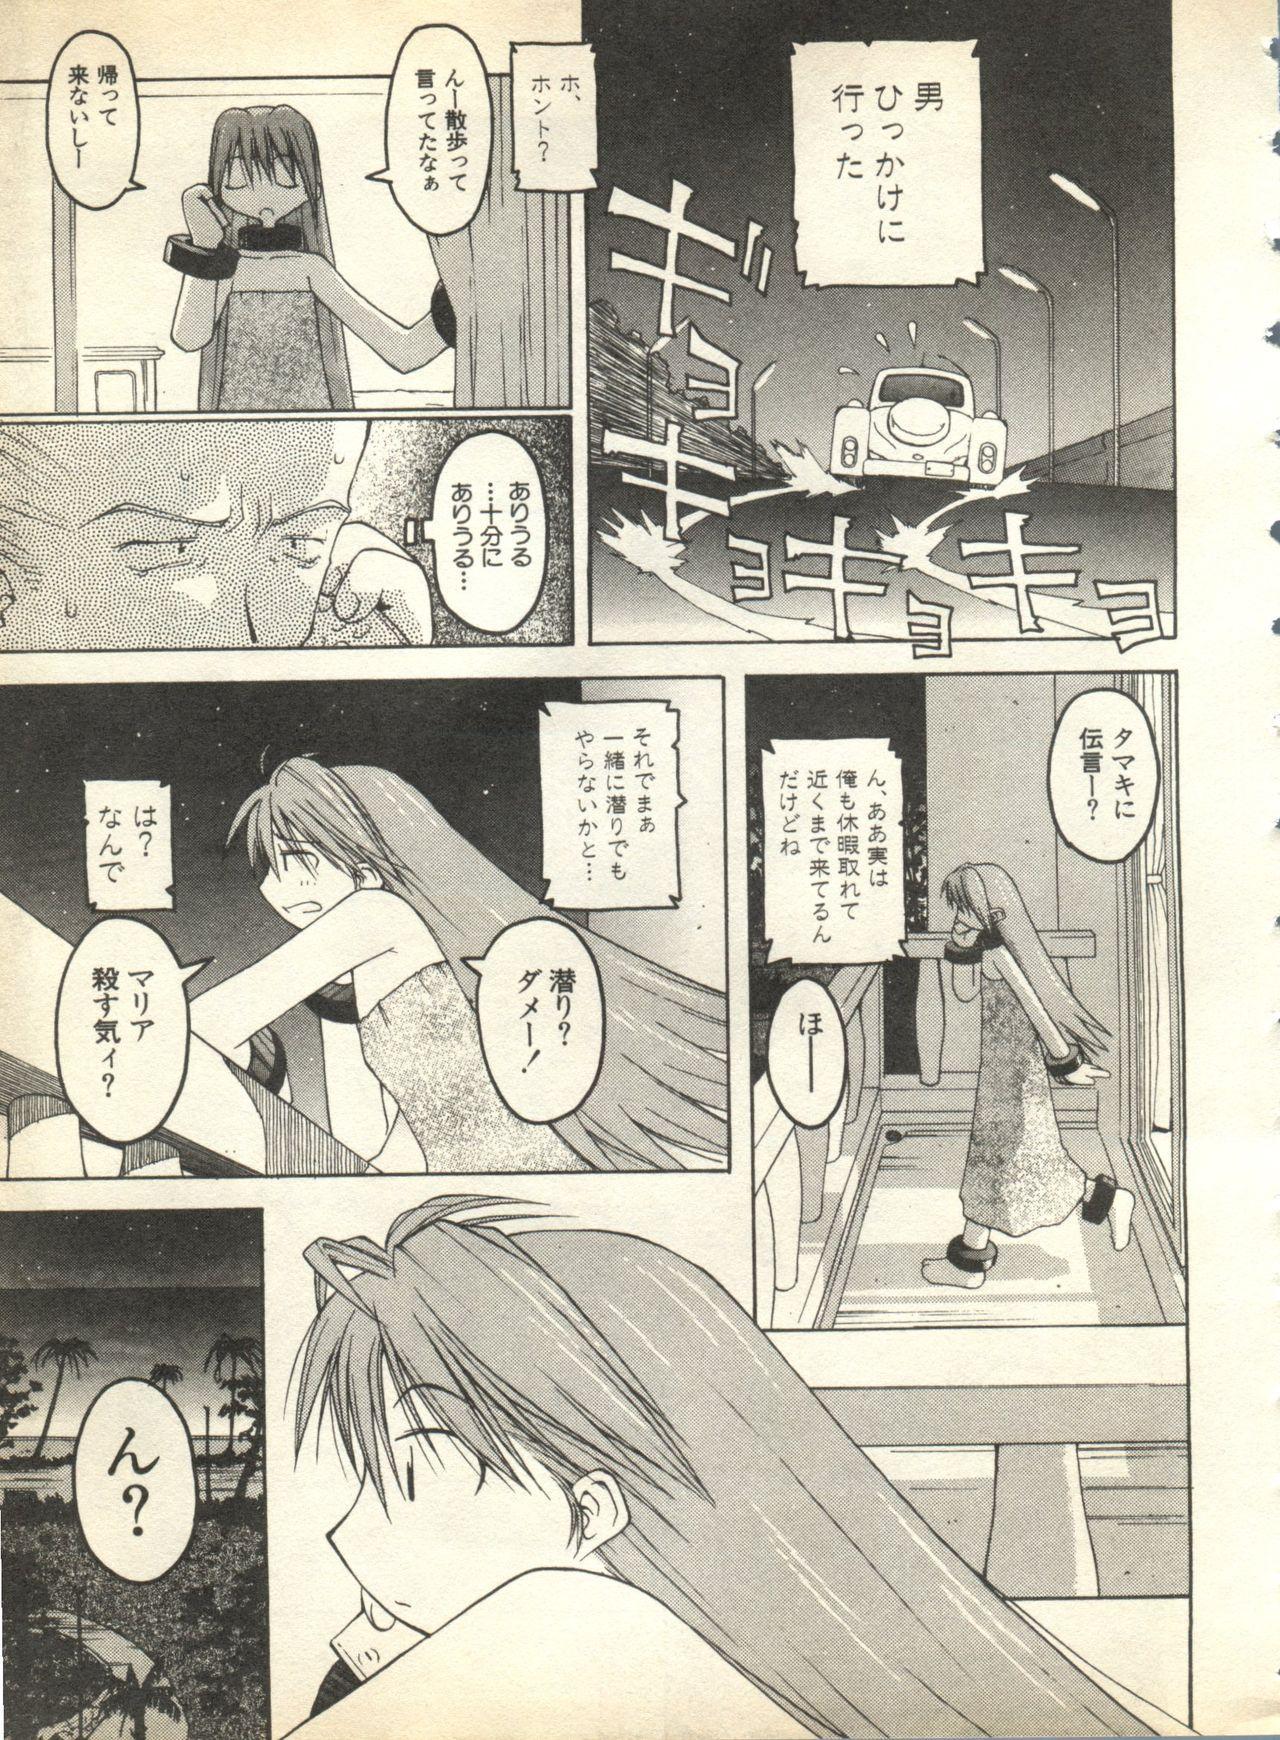 Pai;kuu 1998 October Vol. 13 28